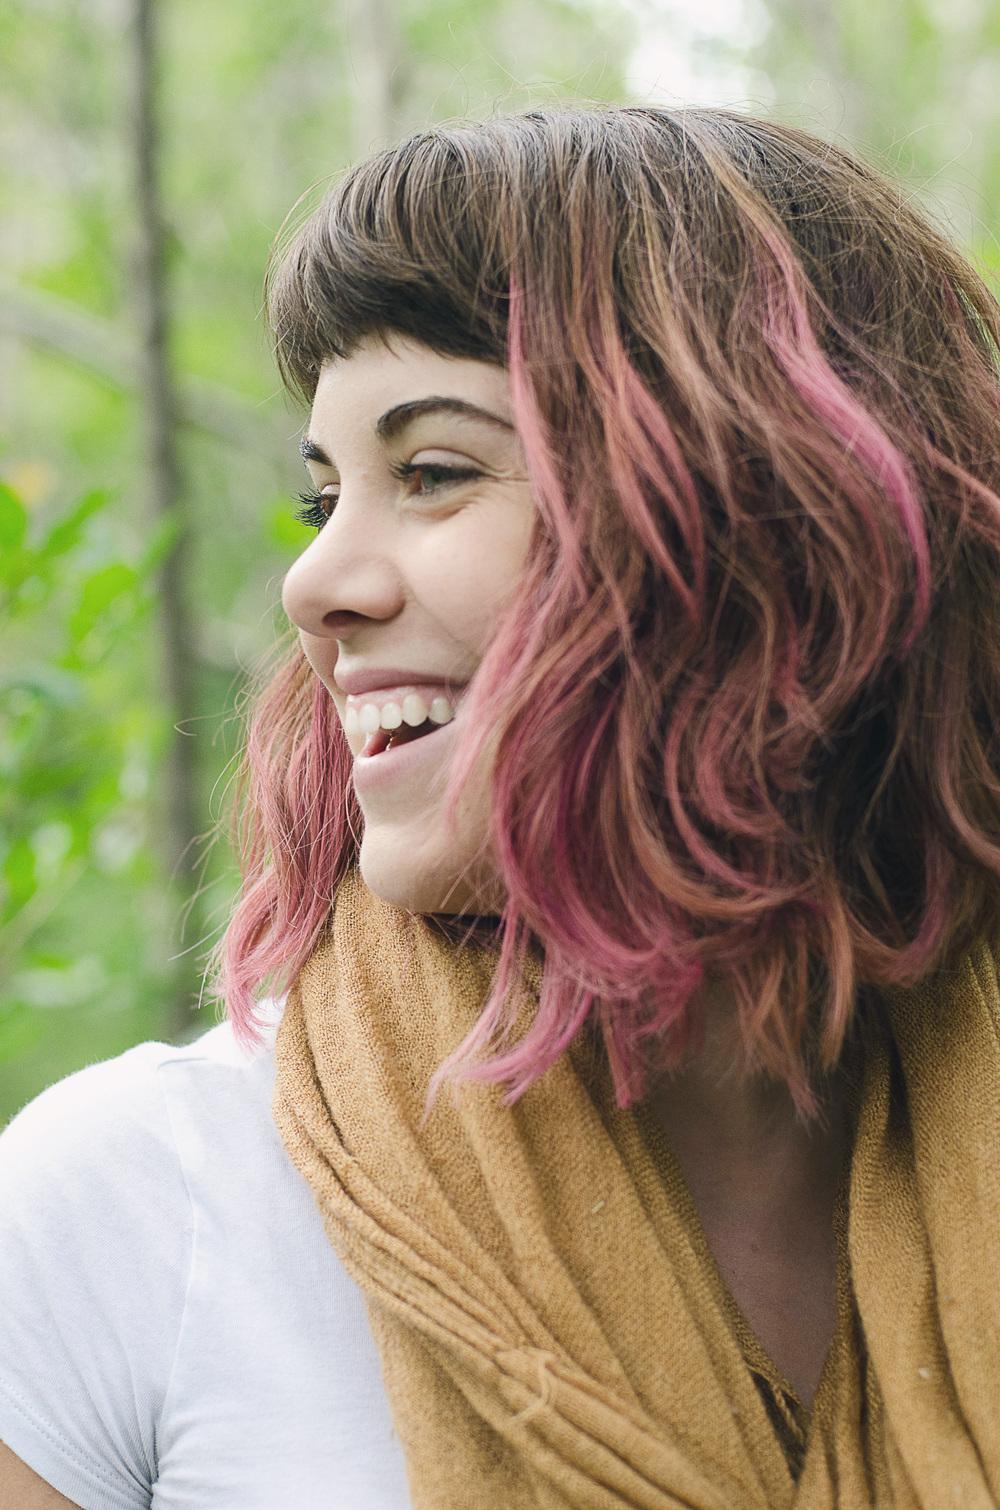 Lynda Savoie